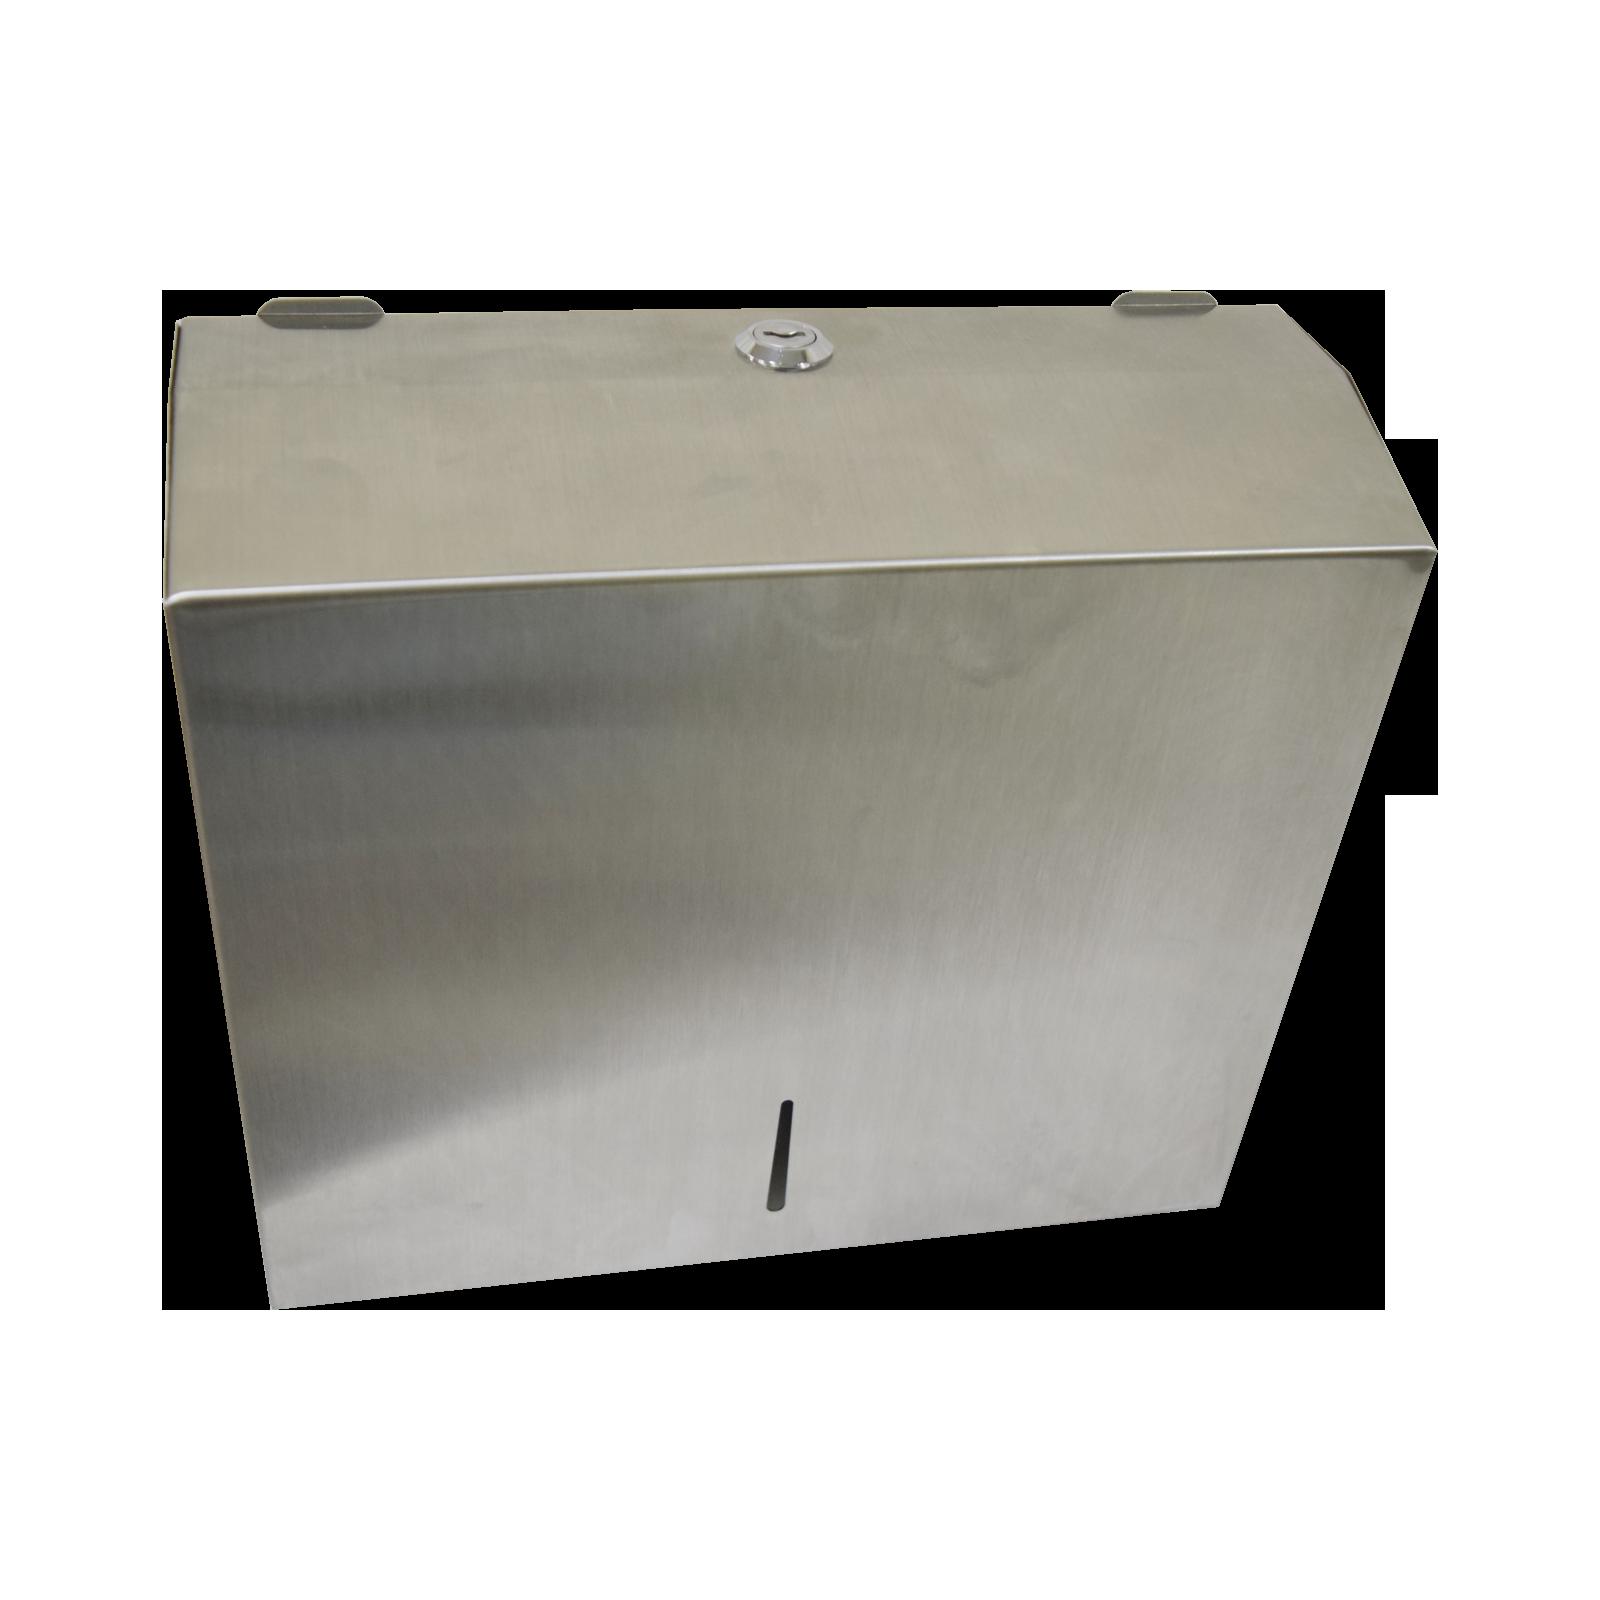 AKC TD07 C-Fold Dispenser Steel - Small (pc)